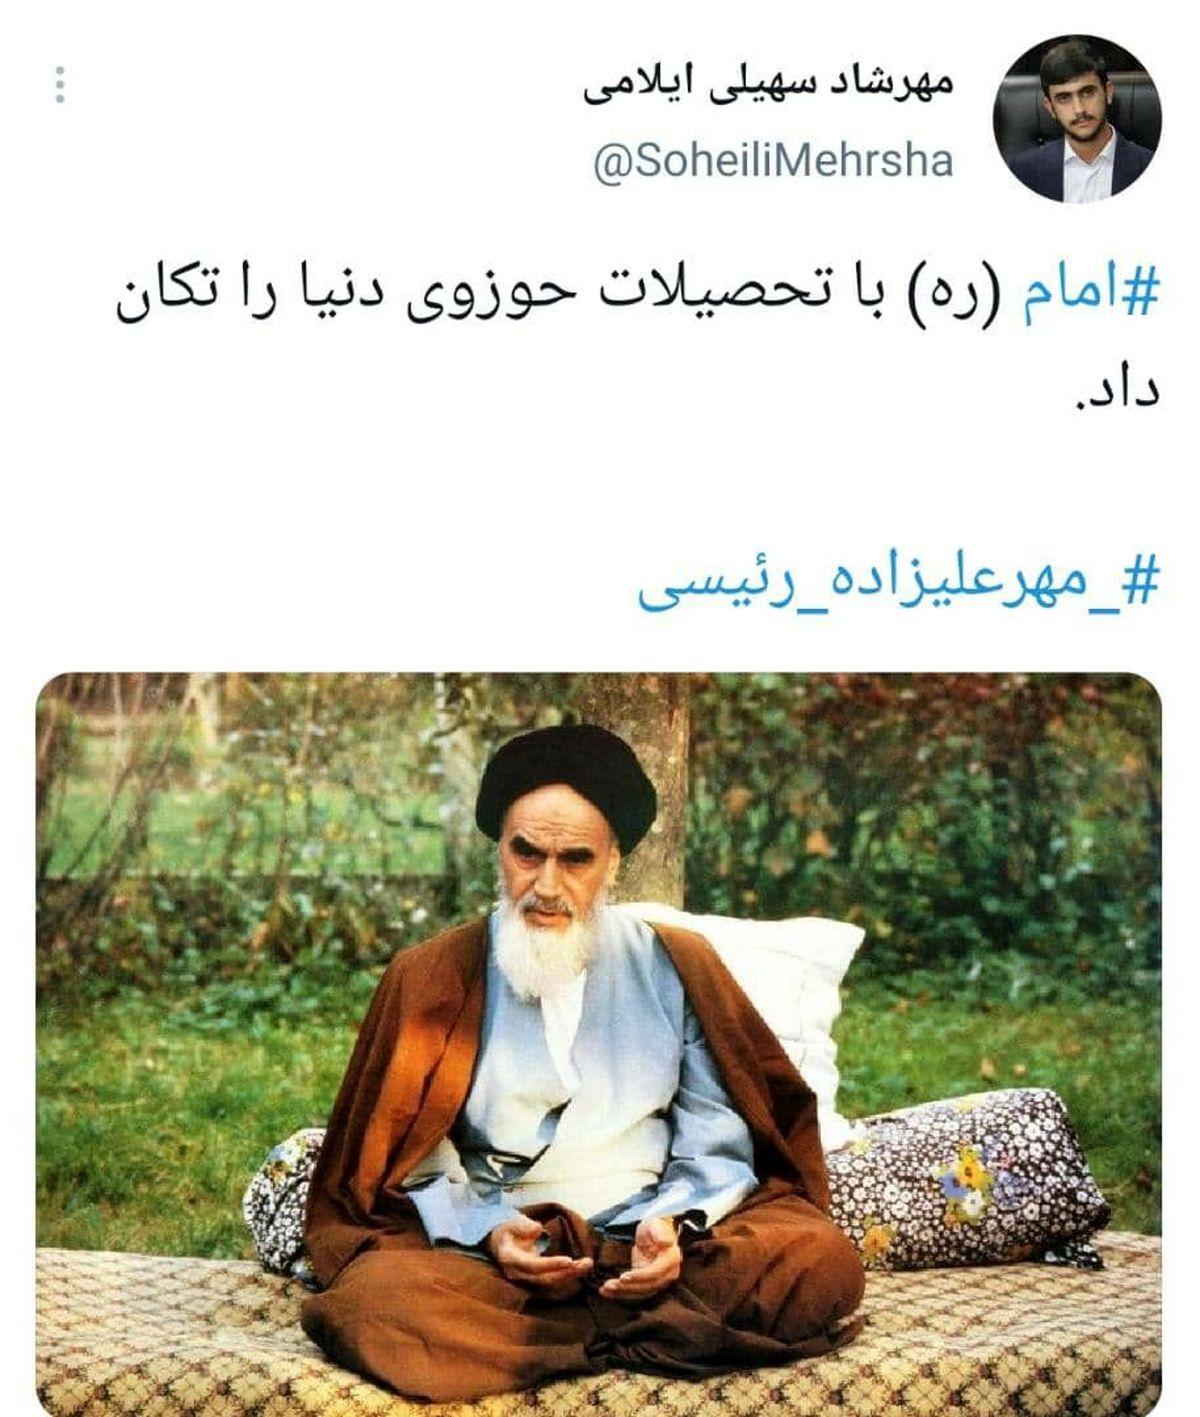 امام خمینی (ره) با تحصیلات حوزوی دنیا را تکان داد